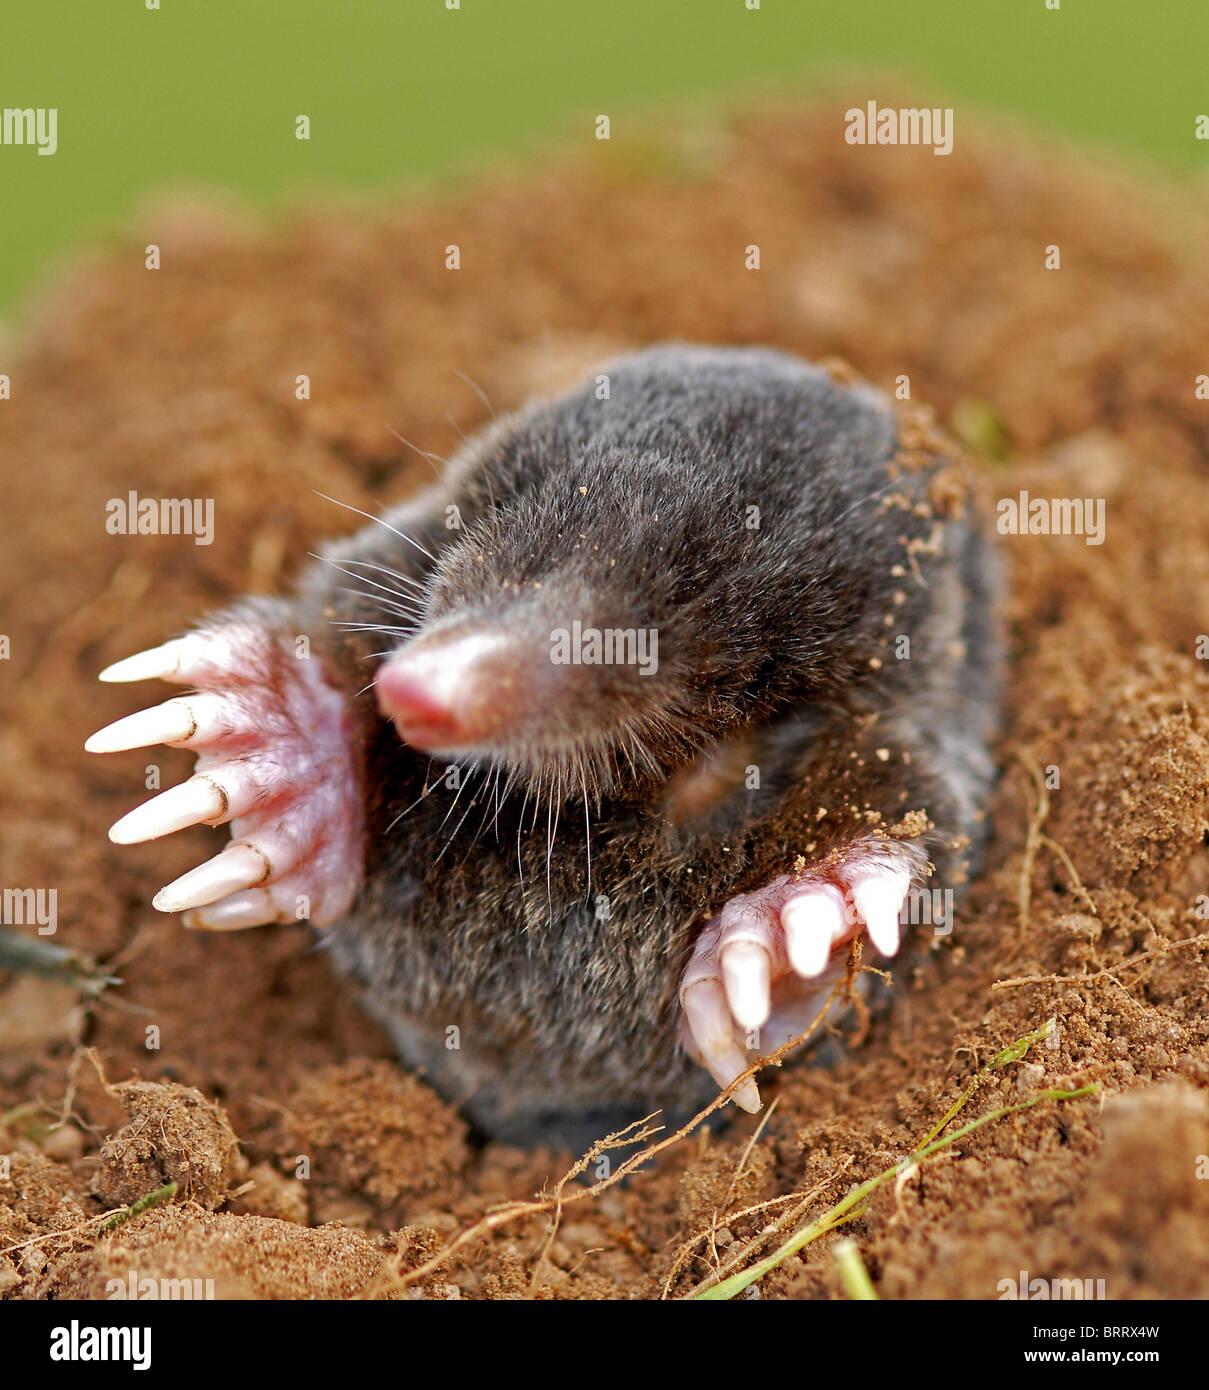 La mole (talpa europaea) considerata come una peste nel giardino. Dagli archivi di stampa Ritratto Service (ex premere Immagini Stock